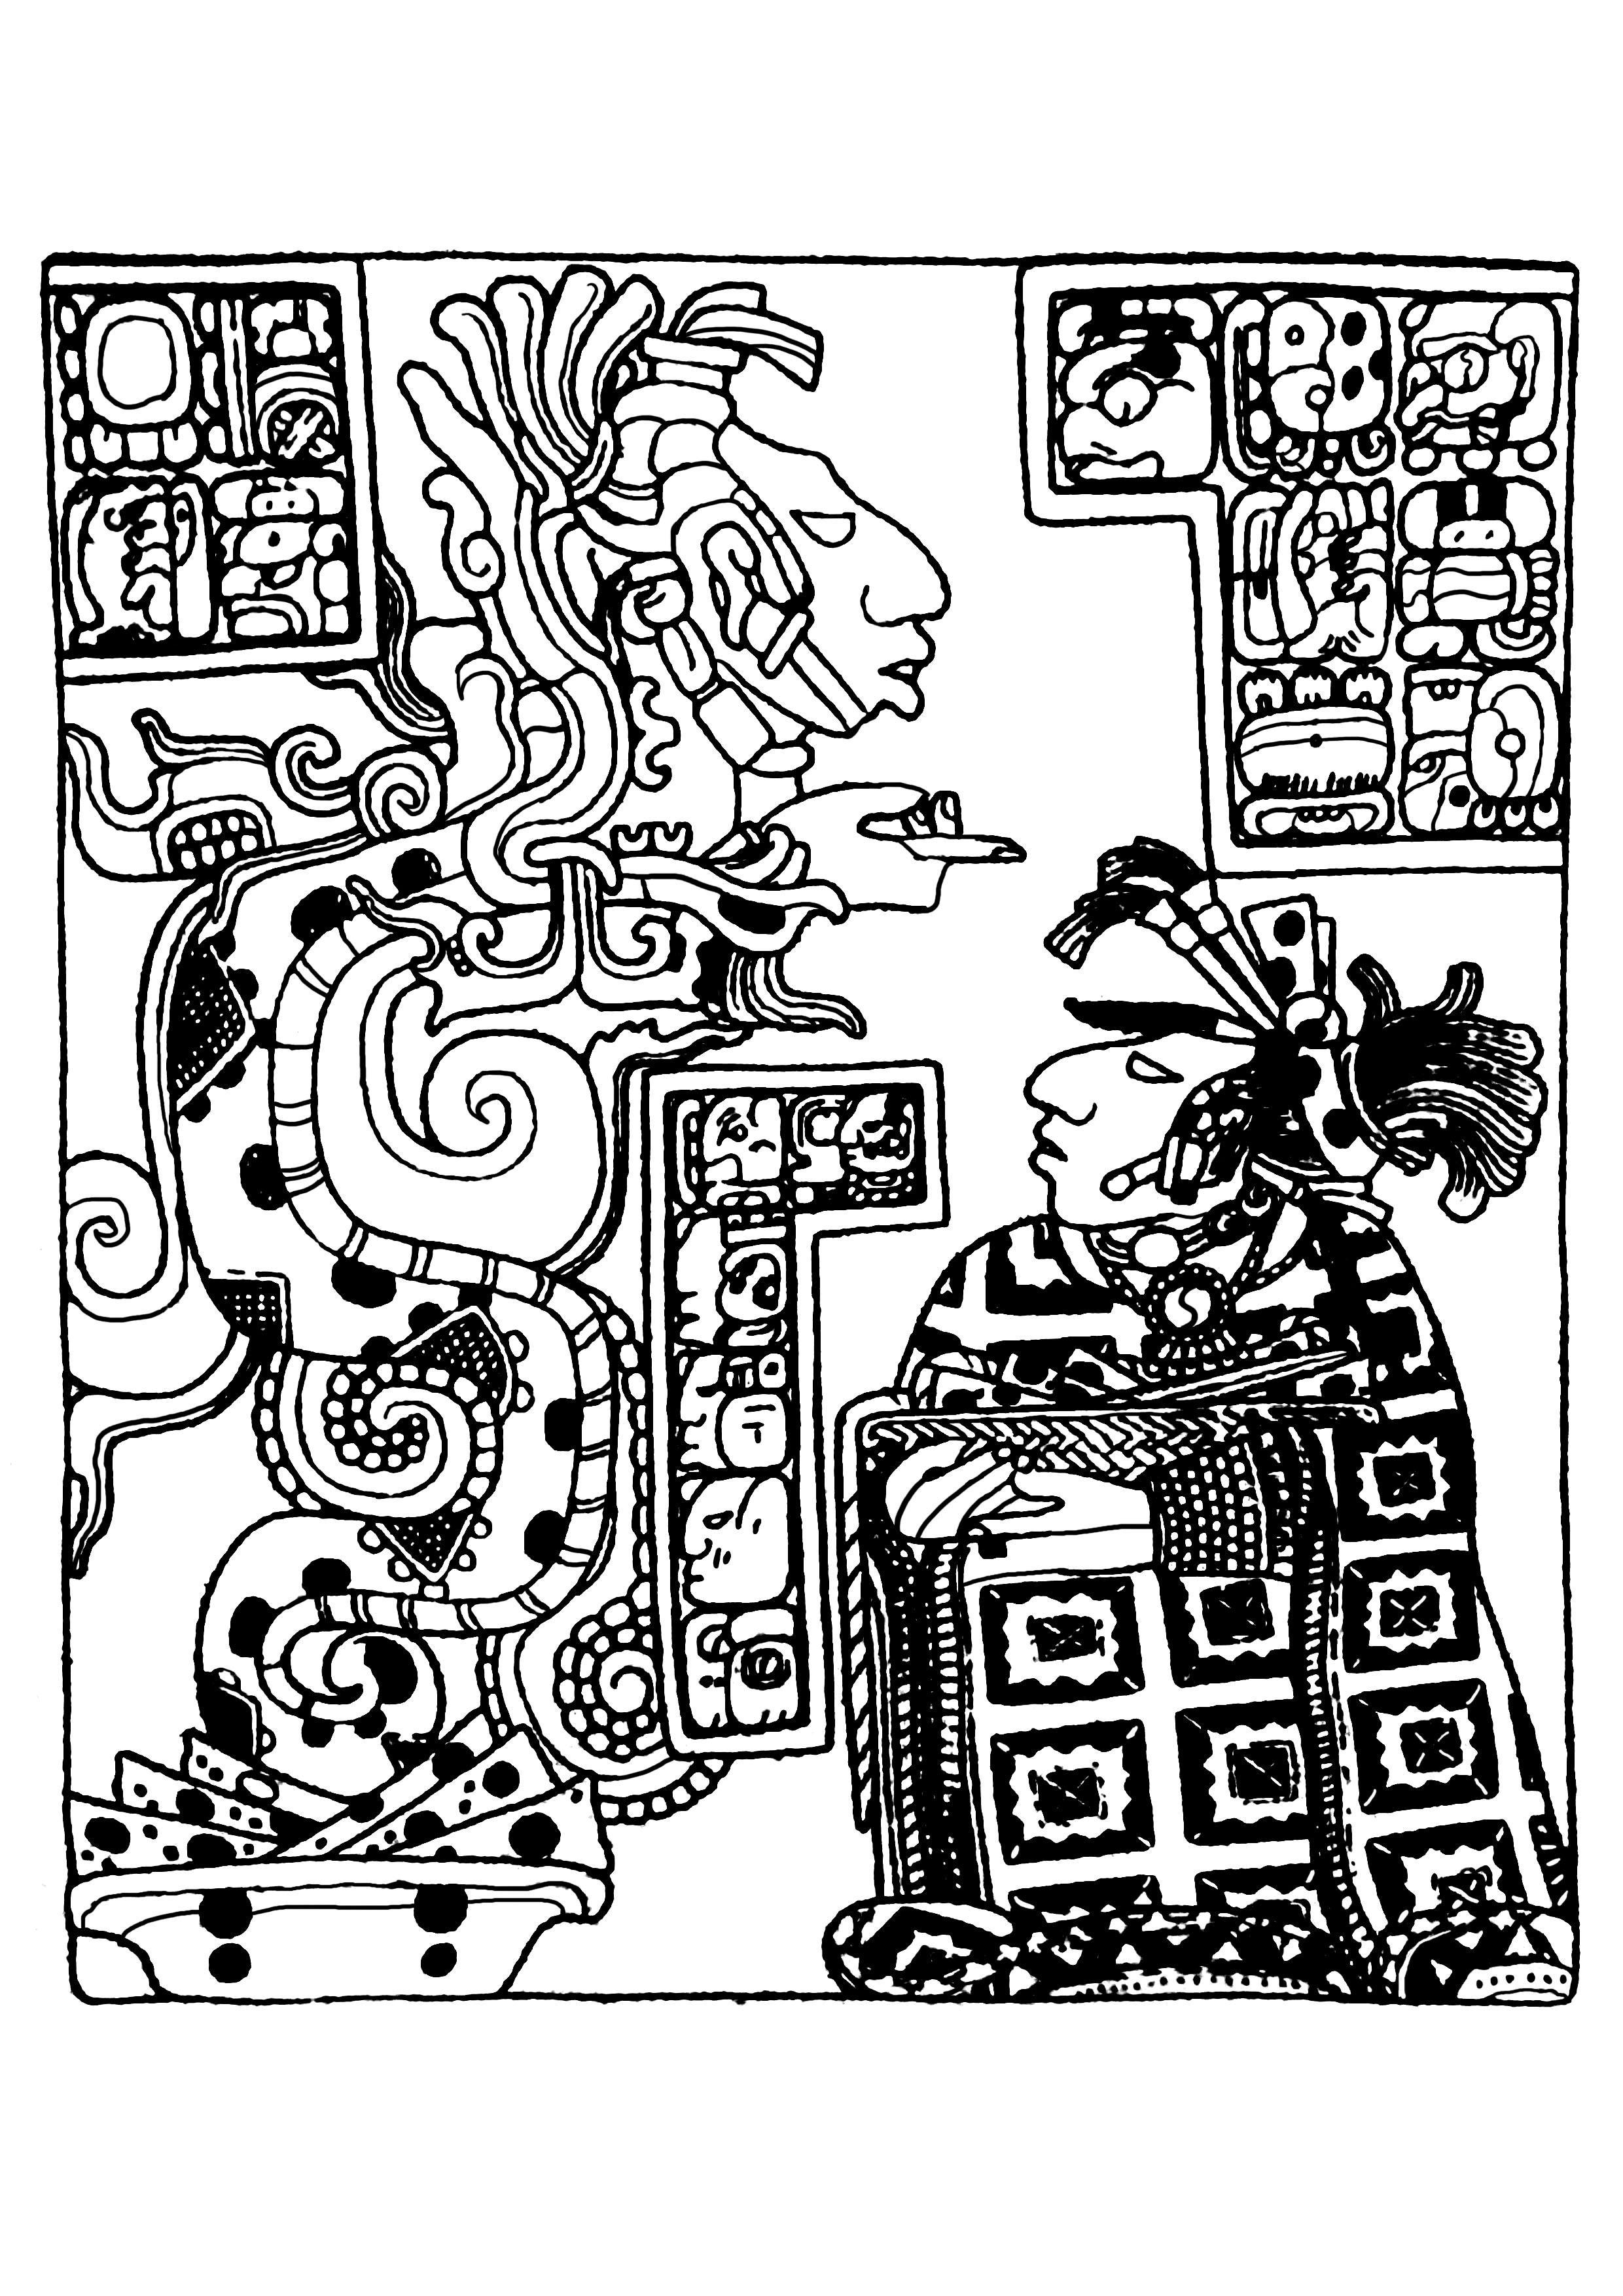 Coloriage complexe créé à partir d'un panneau sculpté Maya datant de la Seconde moitié du 8e siècle, visible au British Museum (Londres).